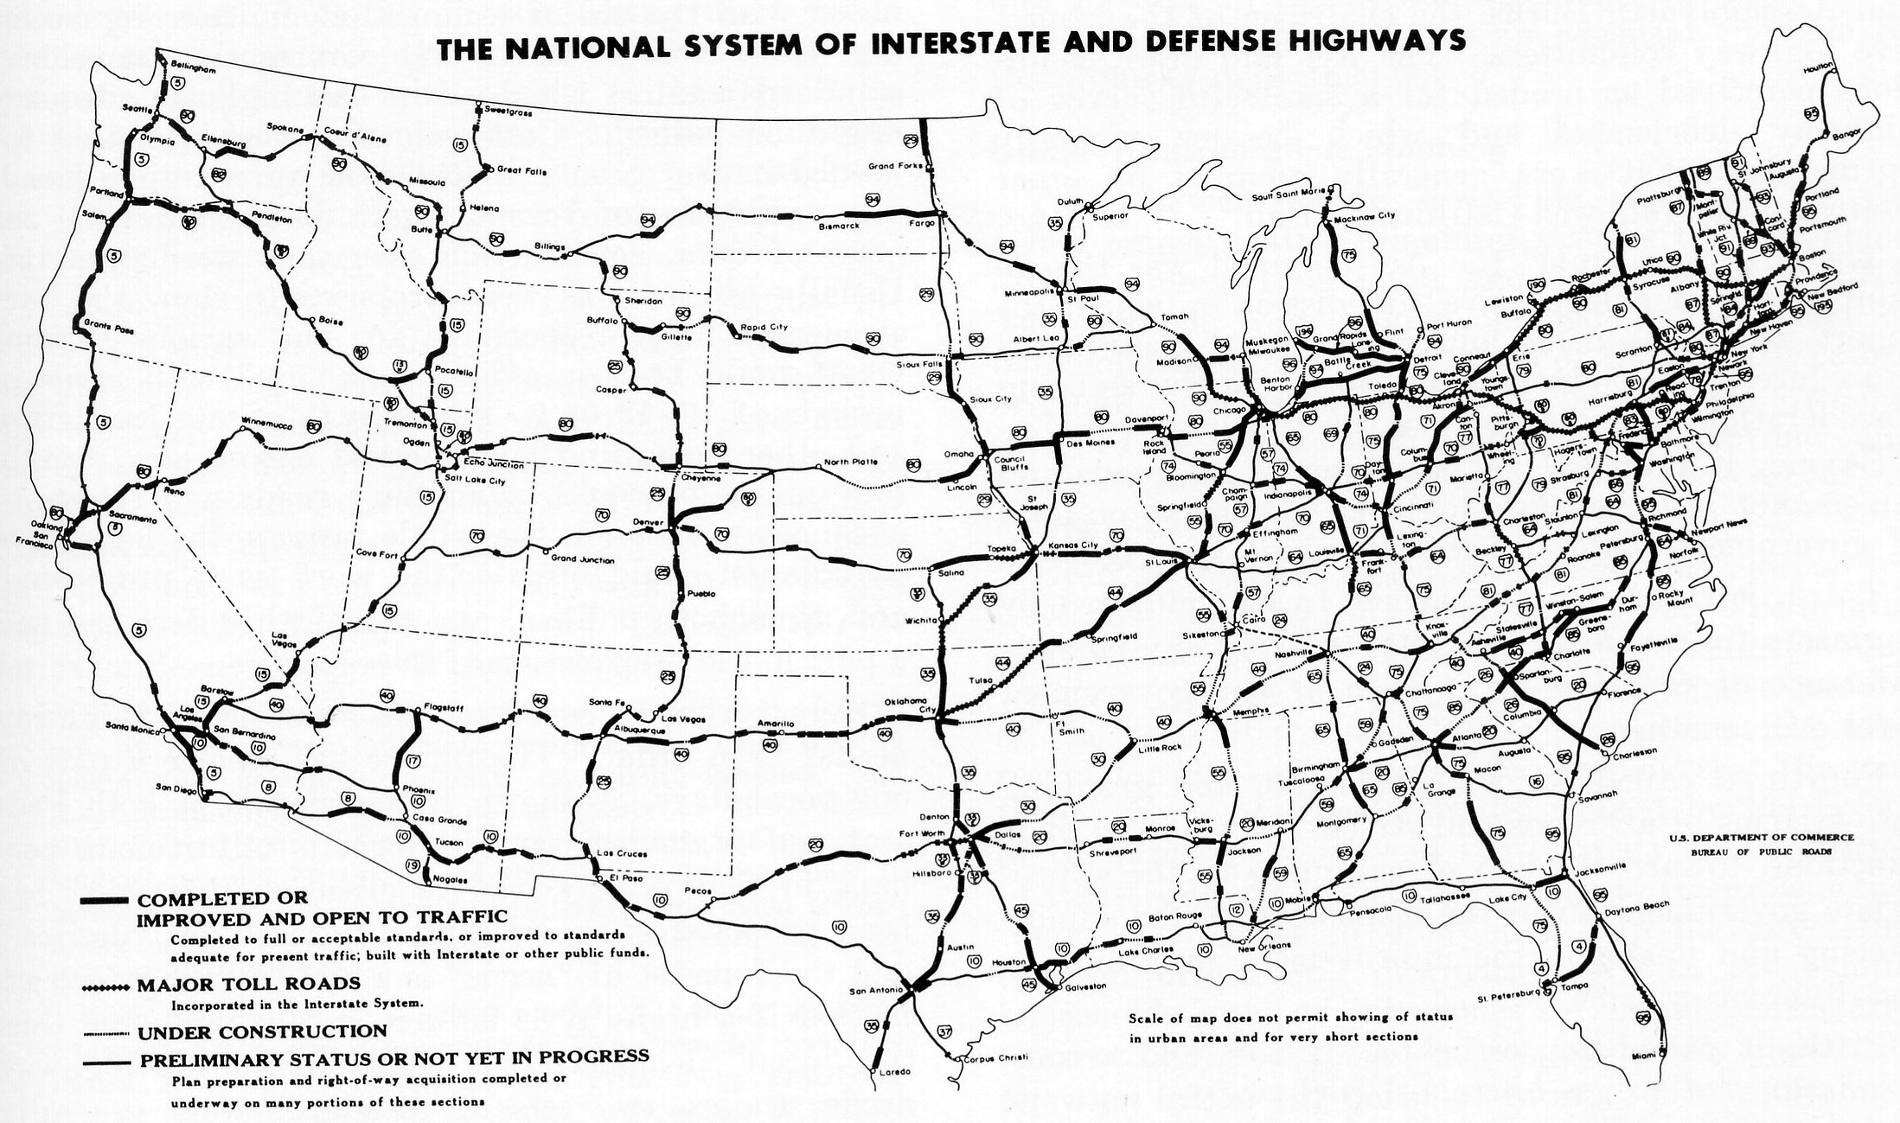 Historia transportu – odc. 110. O korzyściach, jakie dały Amerykanom inwestycje w międzystanowe autostrady